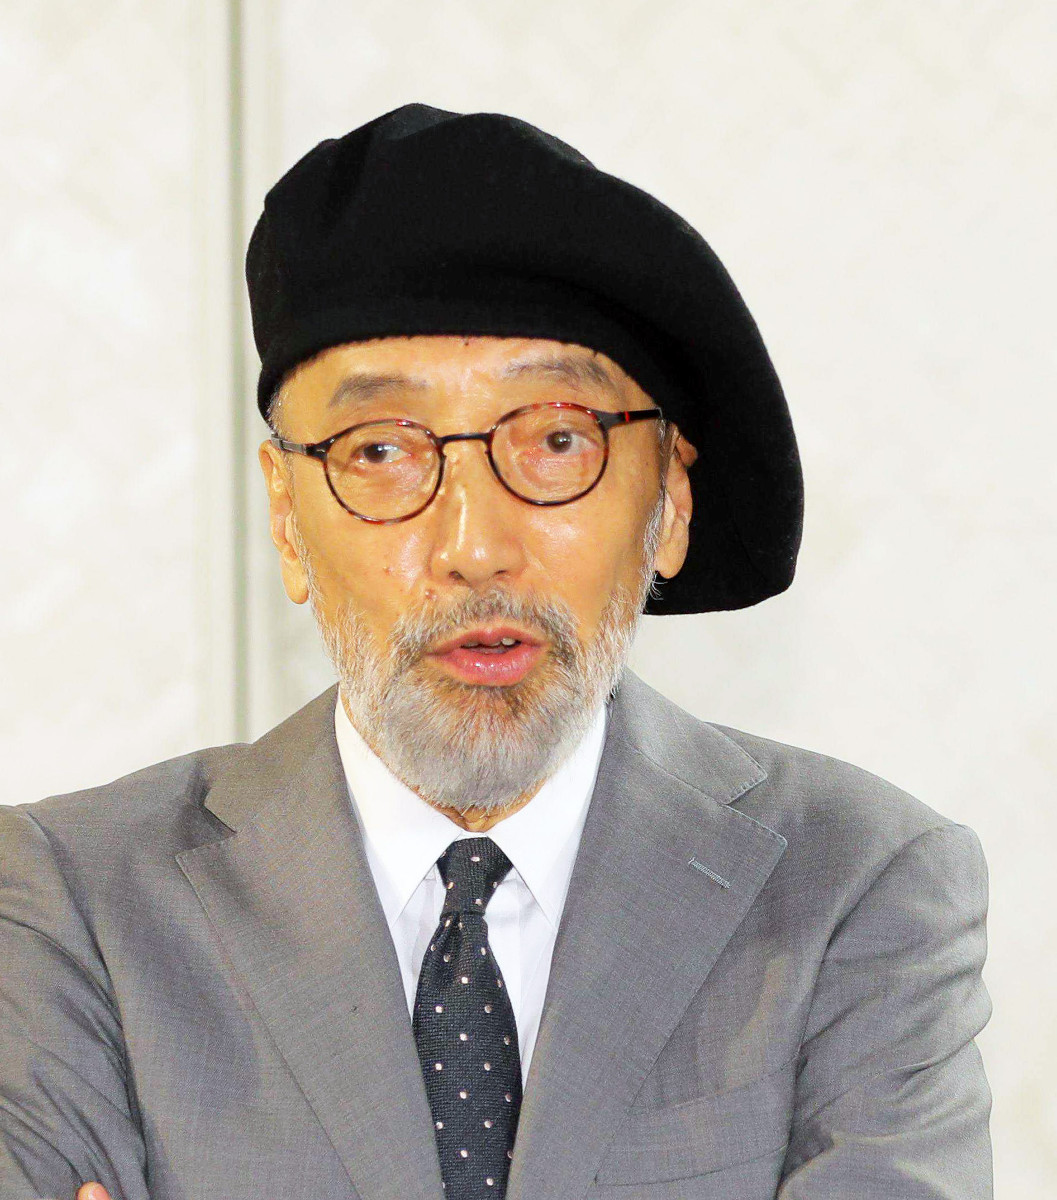 テリー伊藤氏、東国原英夫氏と金慶珠氏に驚きの和解策を提案